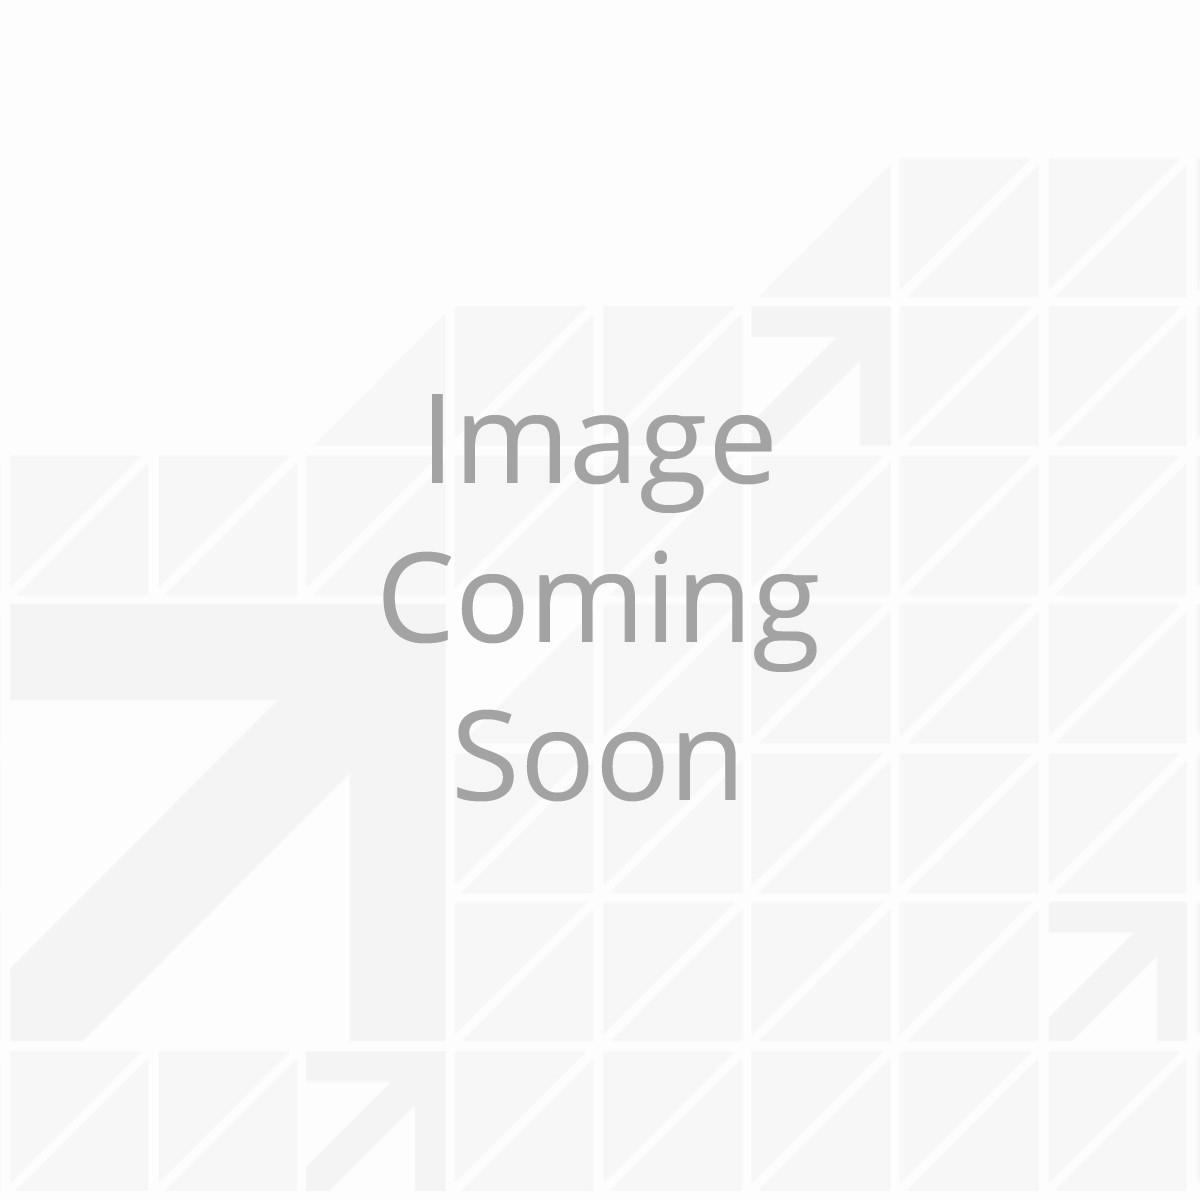 119072_-_flange_nut_-_001